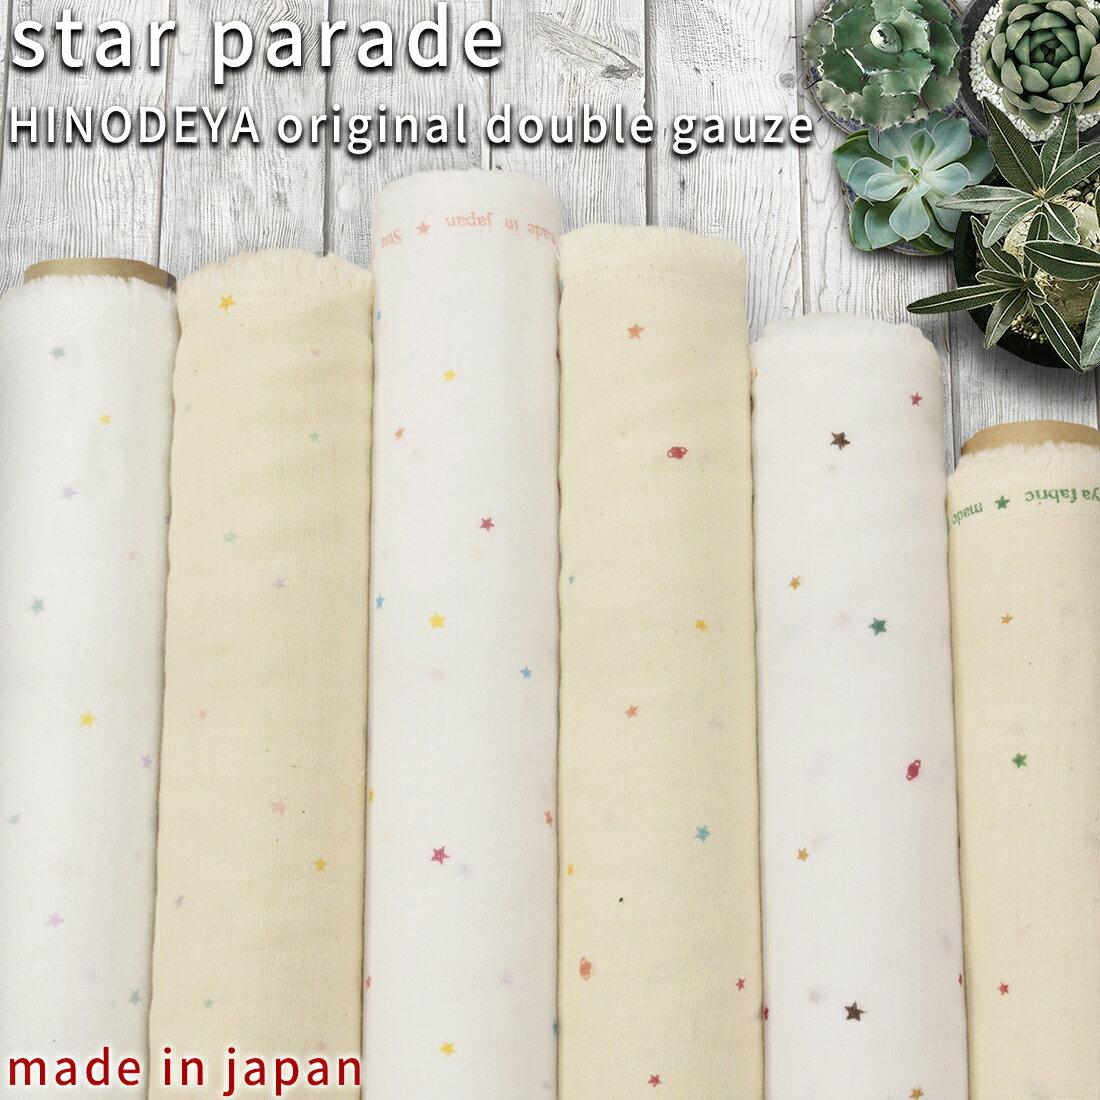 【8月のお買い得】StarParade綿100%ダブルガーゼ生地【星柄】【6色】★50cm単位【I_1163】【2mまでネコポス発送可】